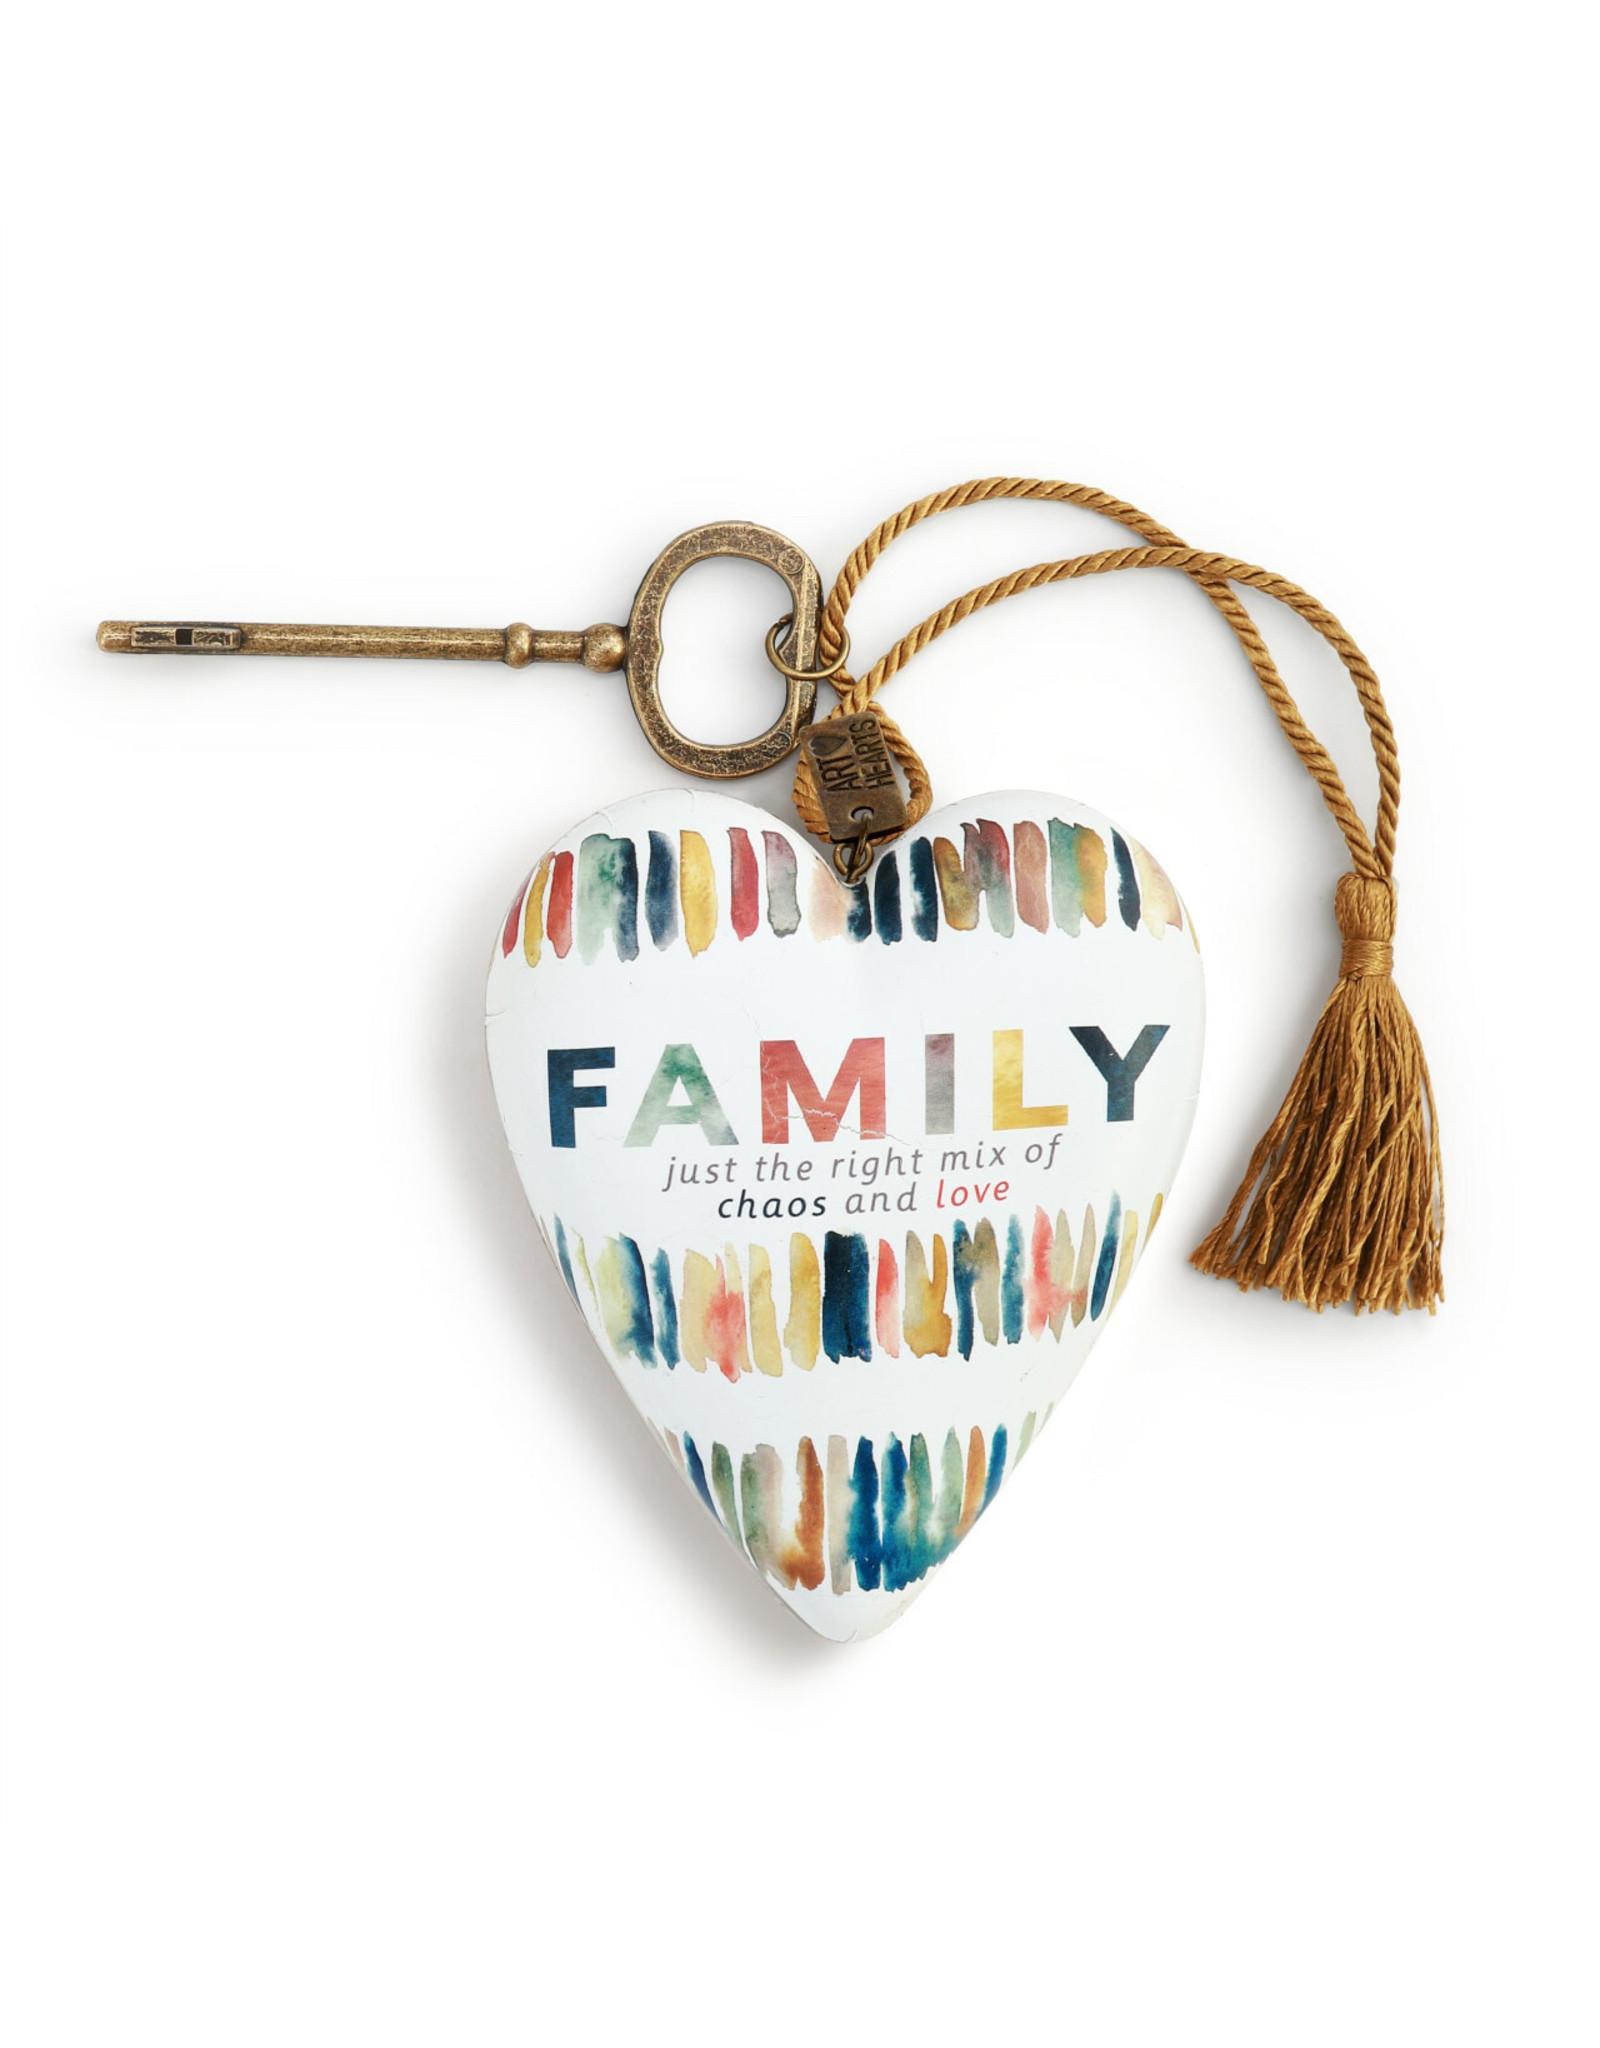 Art Heart - Family Chaos